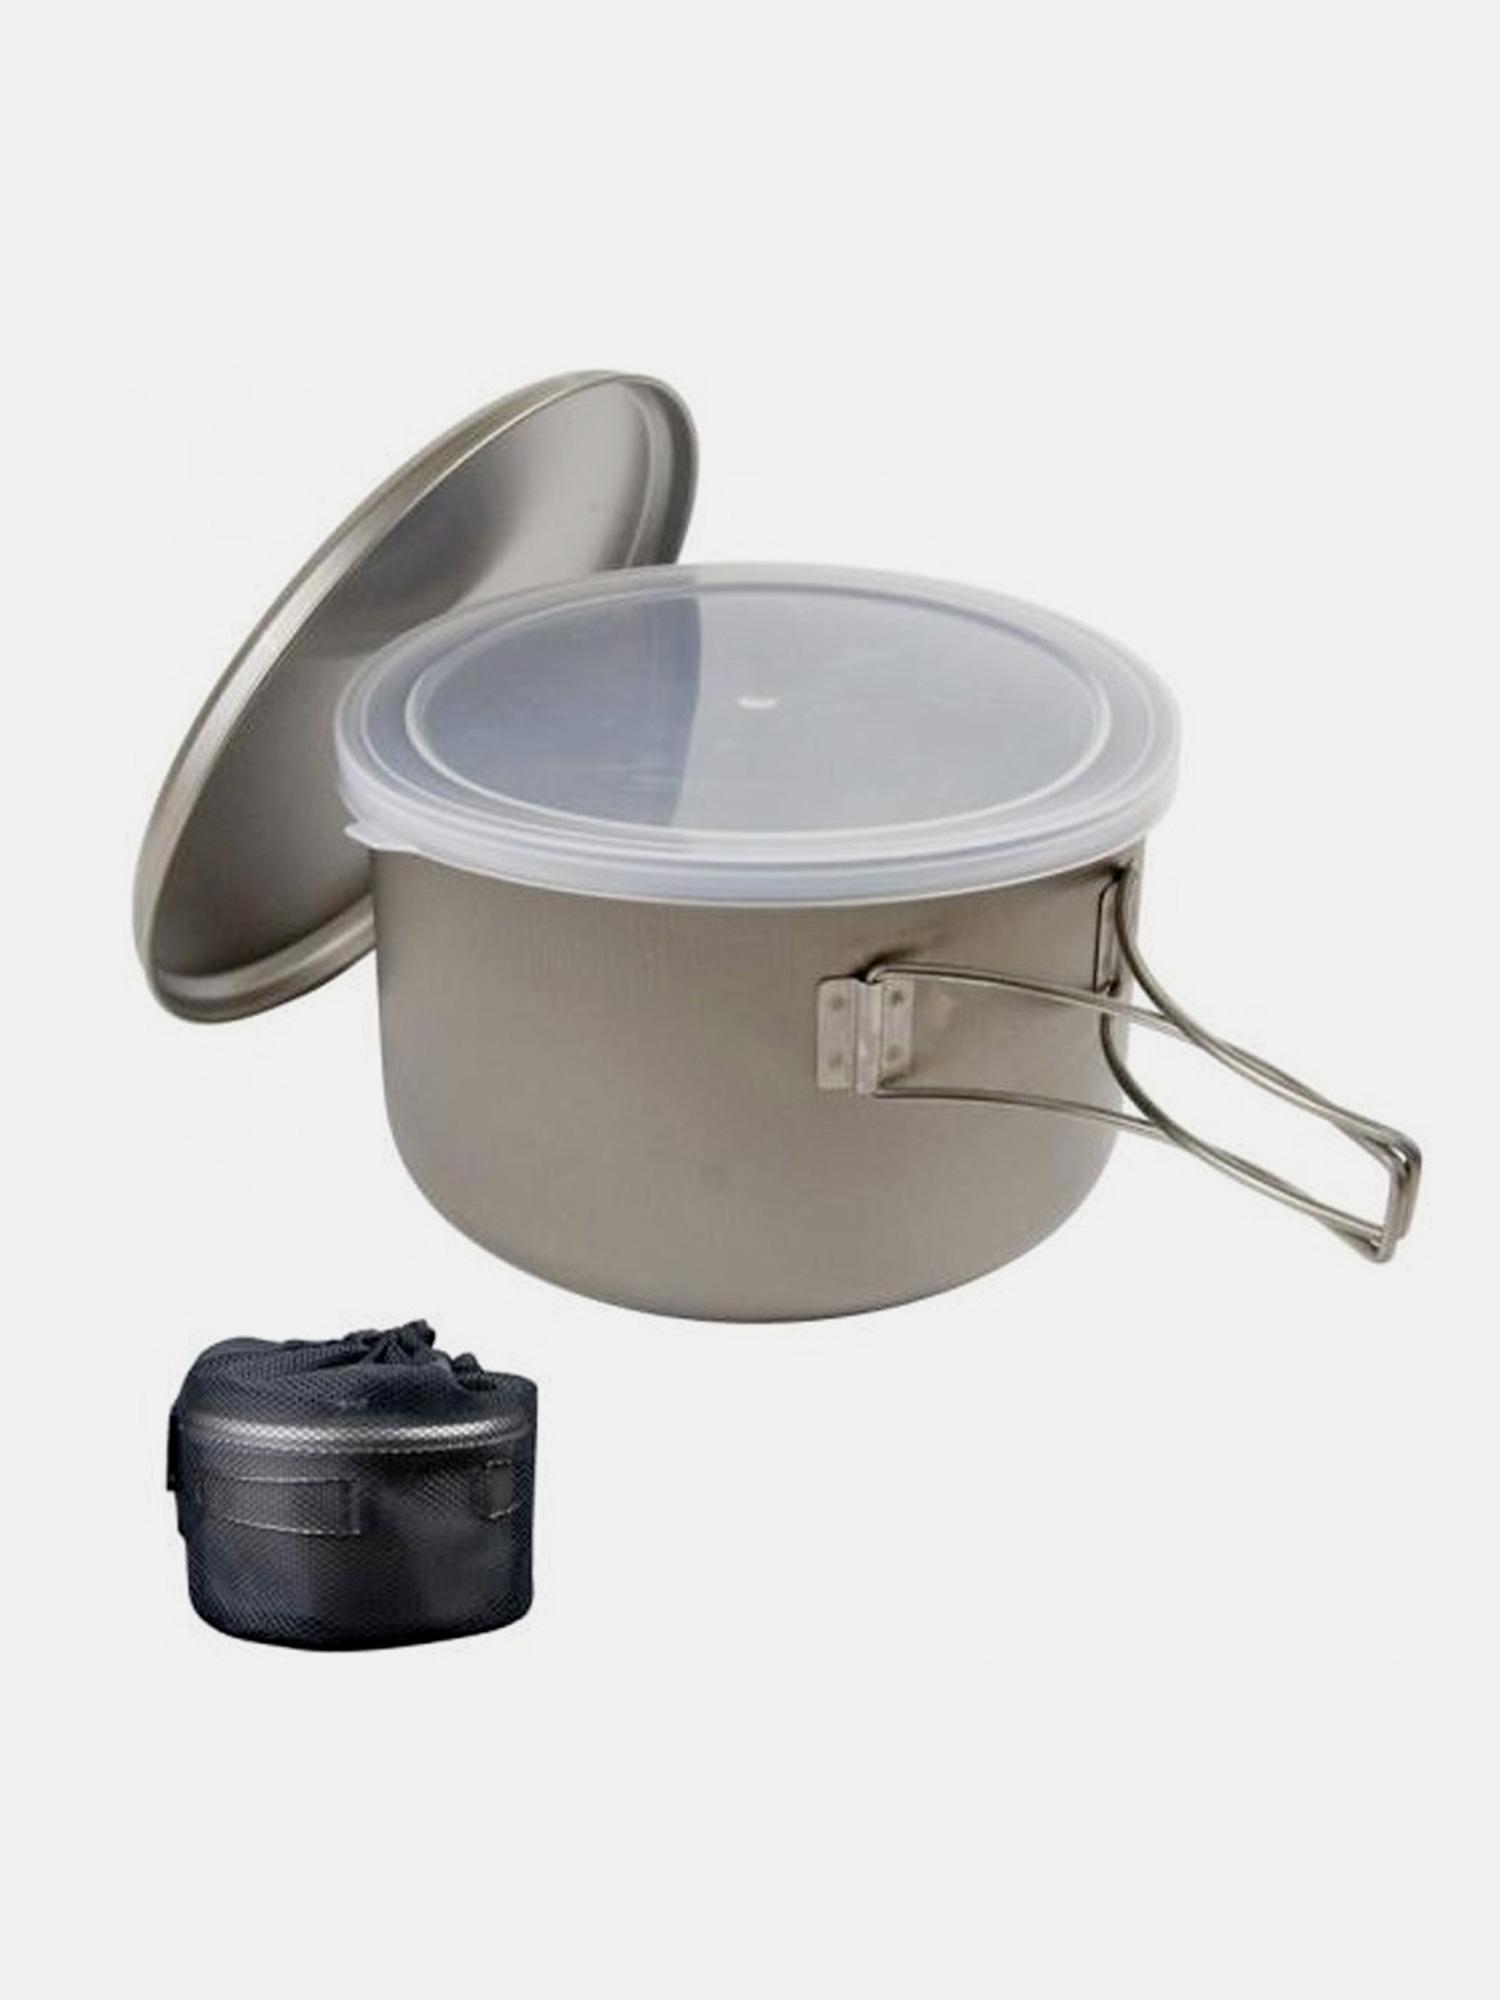 Snow Peak Lightweight, Durable Titanium Pot - $59.95